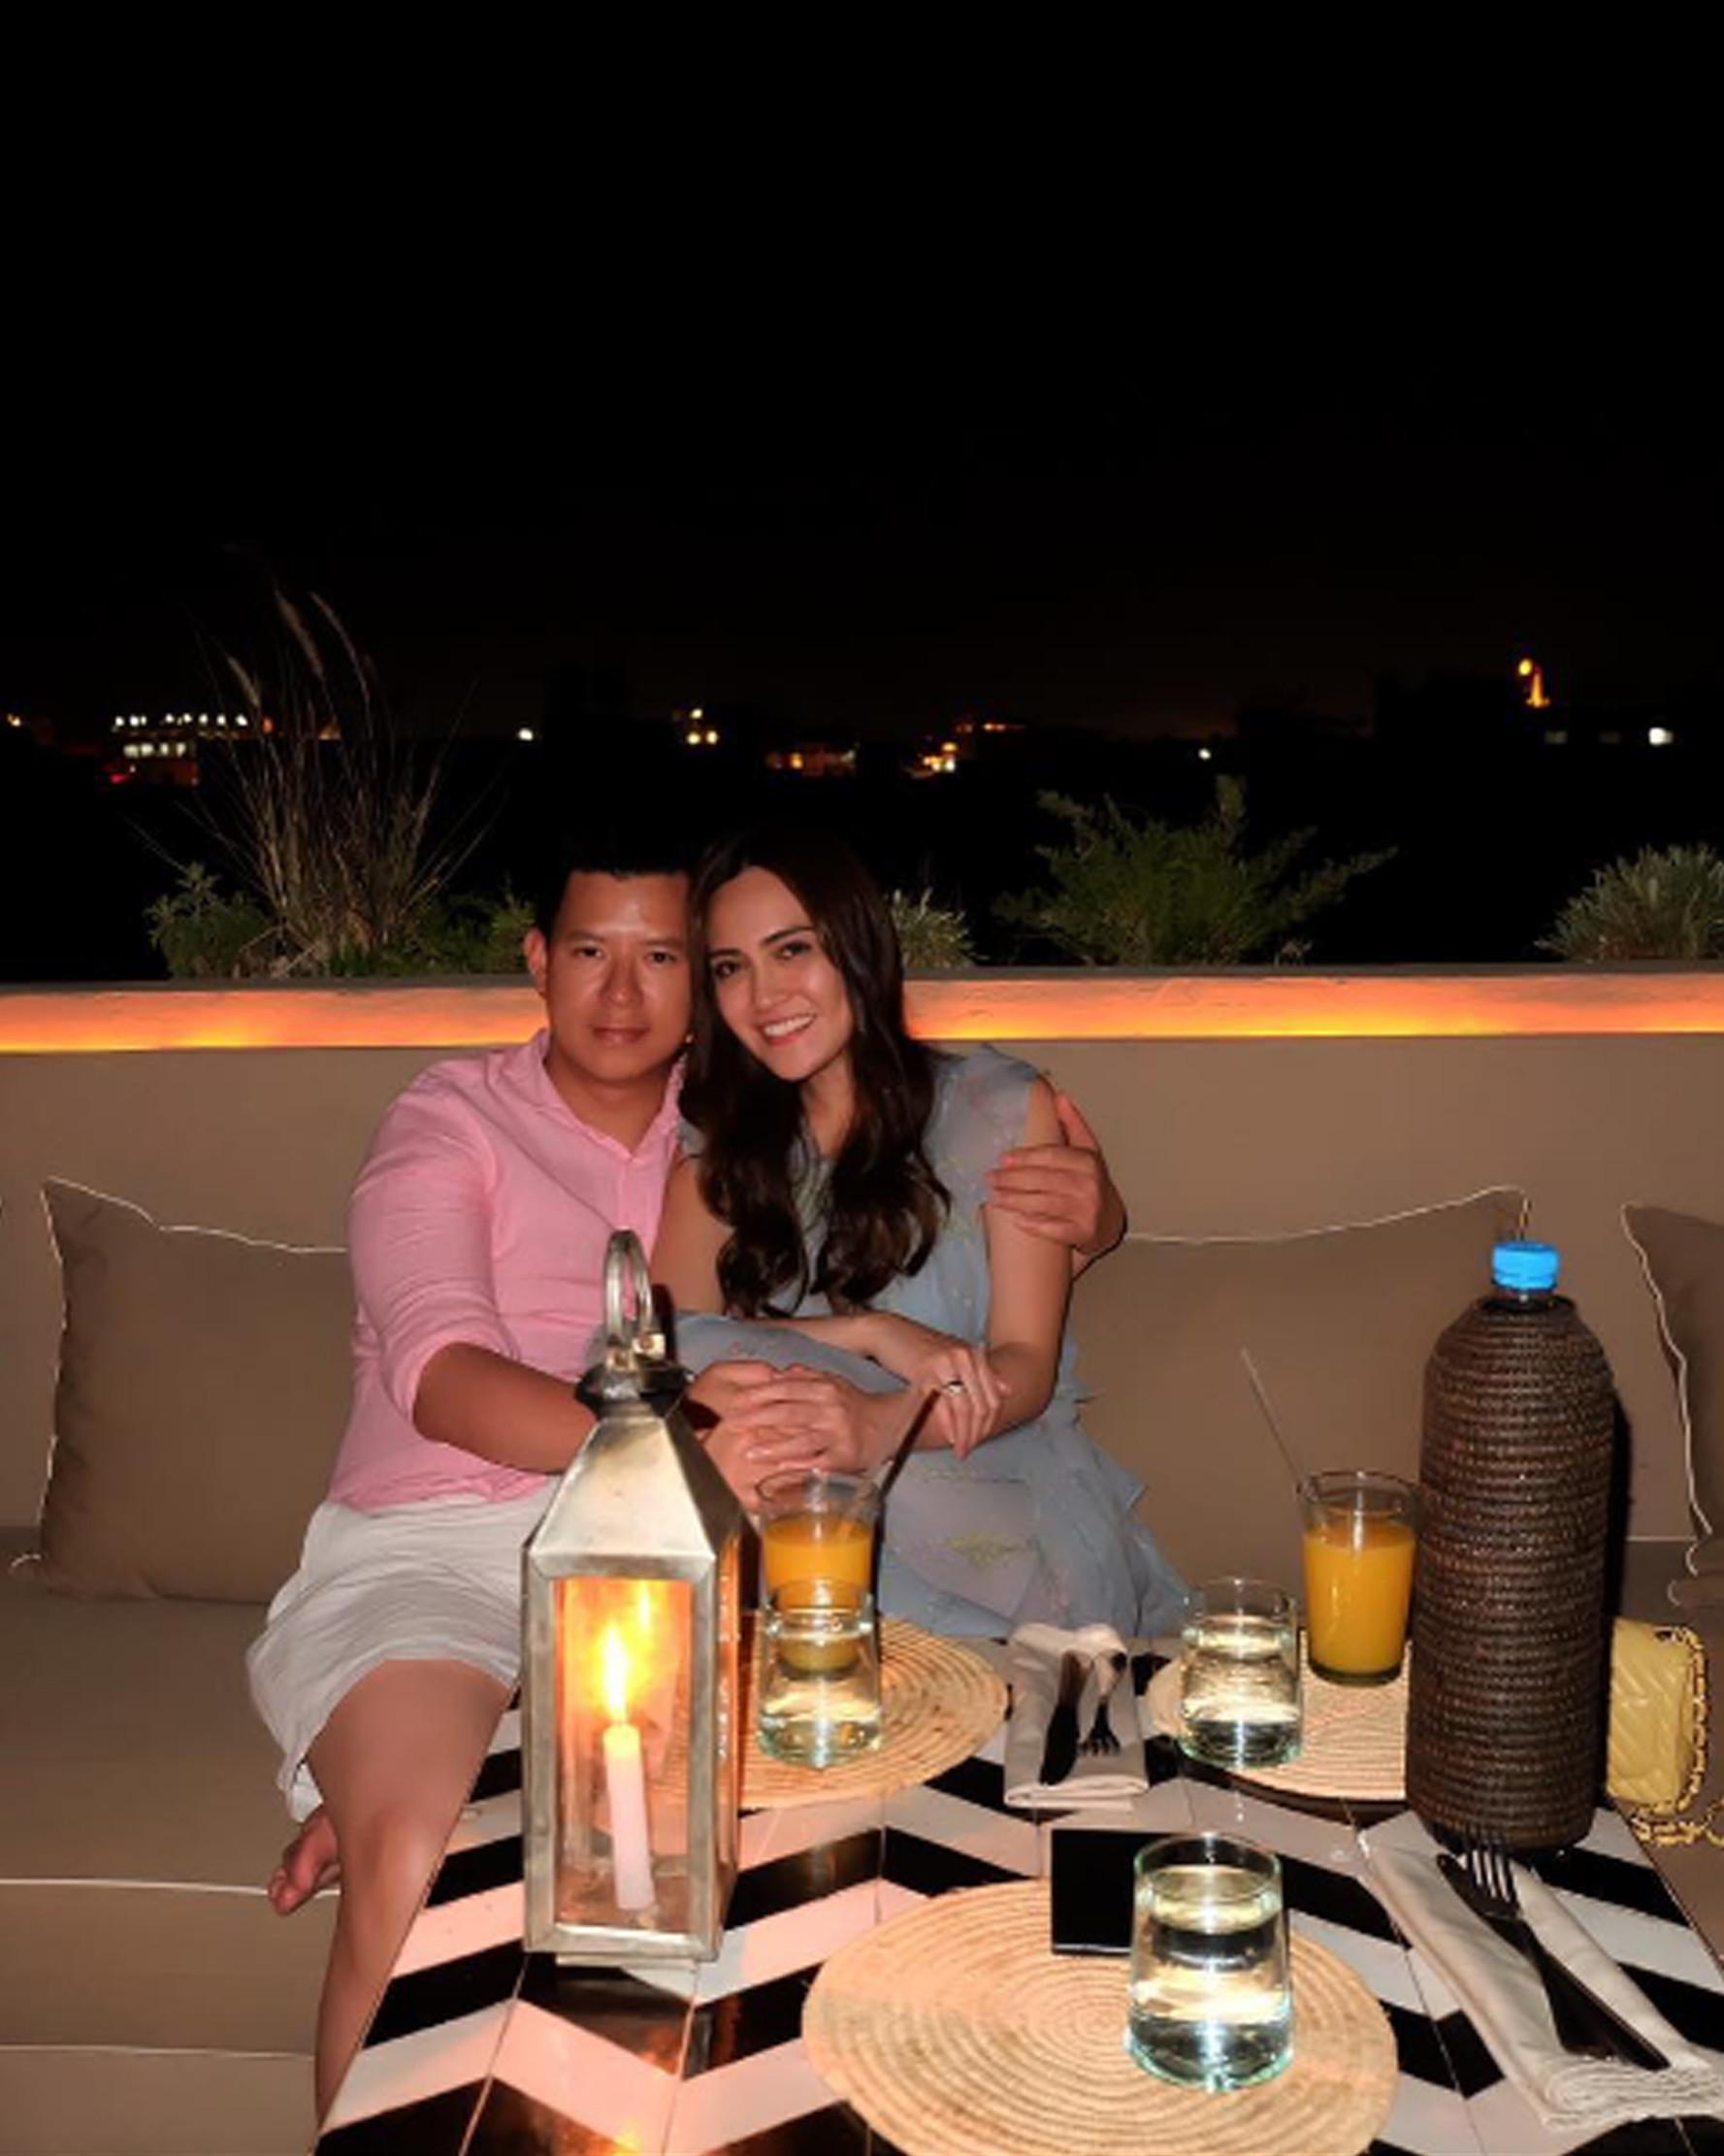 Aktris Shandy Aulia berpelukan dengan sang suami, David Herbowo saat menikmati suasana malam di kota Marrakech, Maroko. (Instagram/@ShandyAulia)